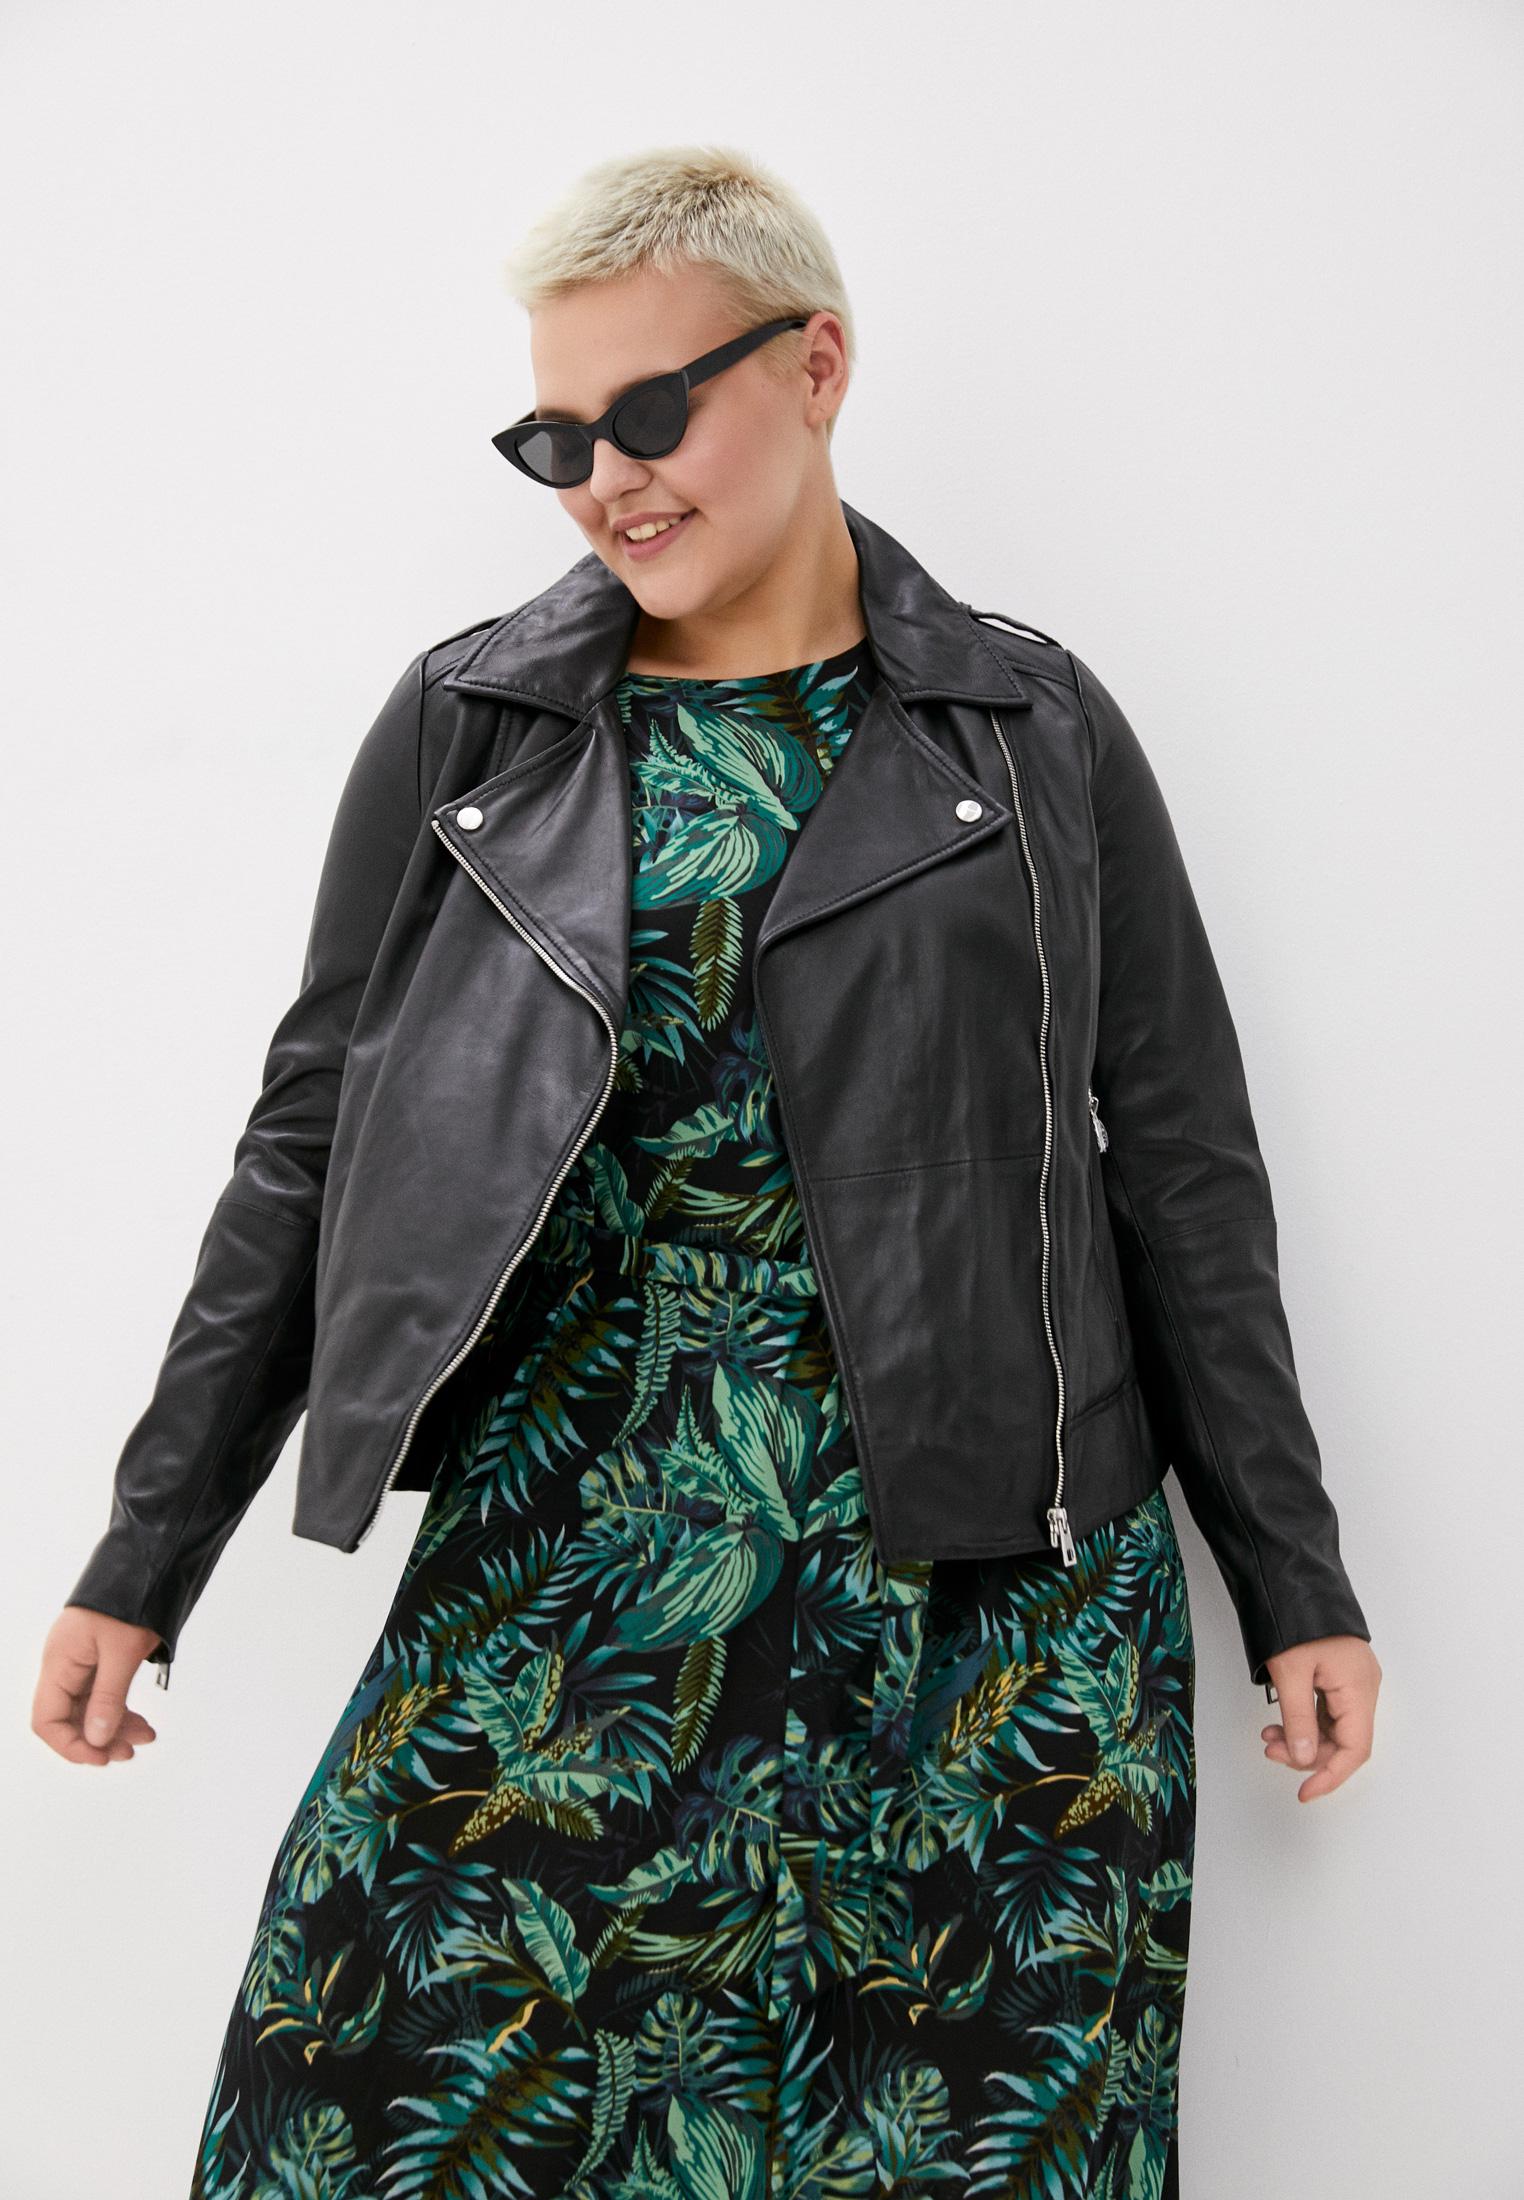 Куртка кожаная Снежная Королева купить за в интернет-магазине Lamoda.ru